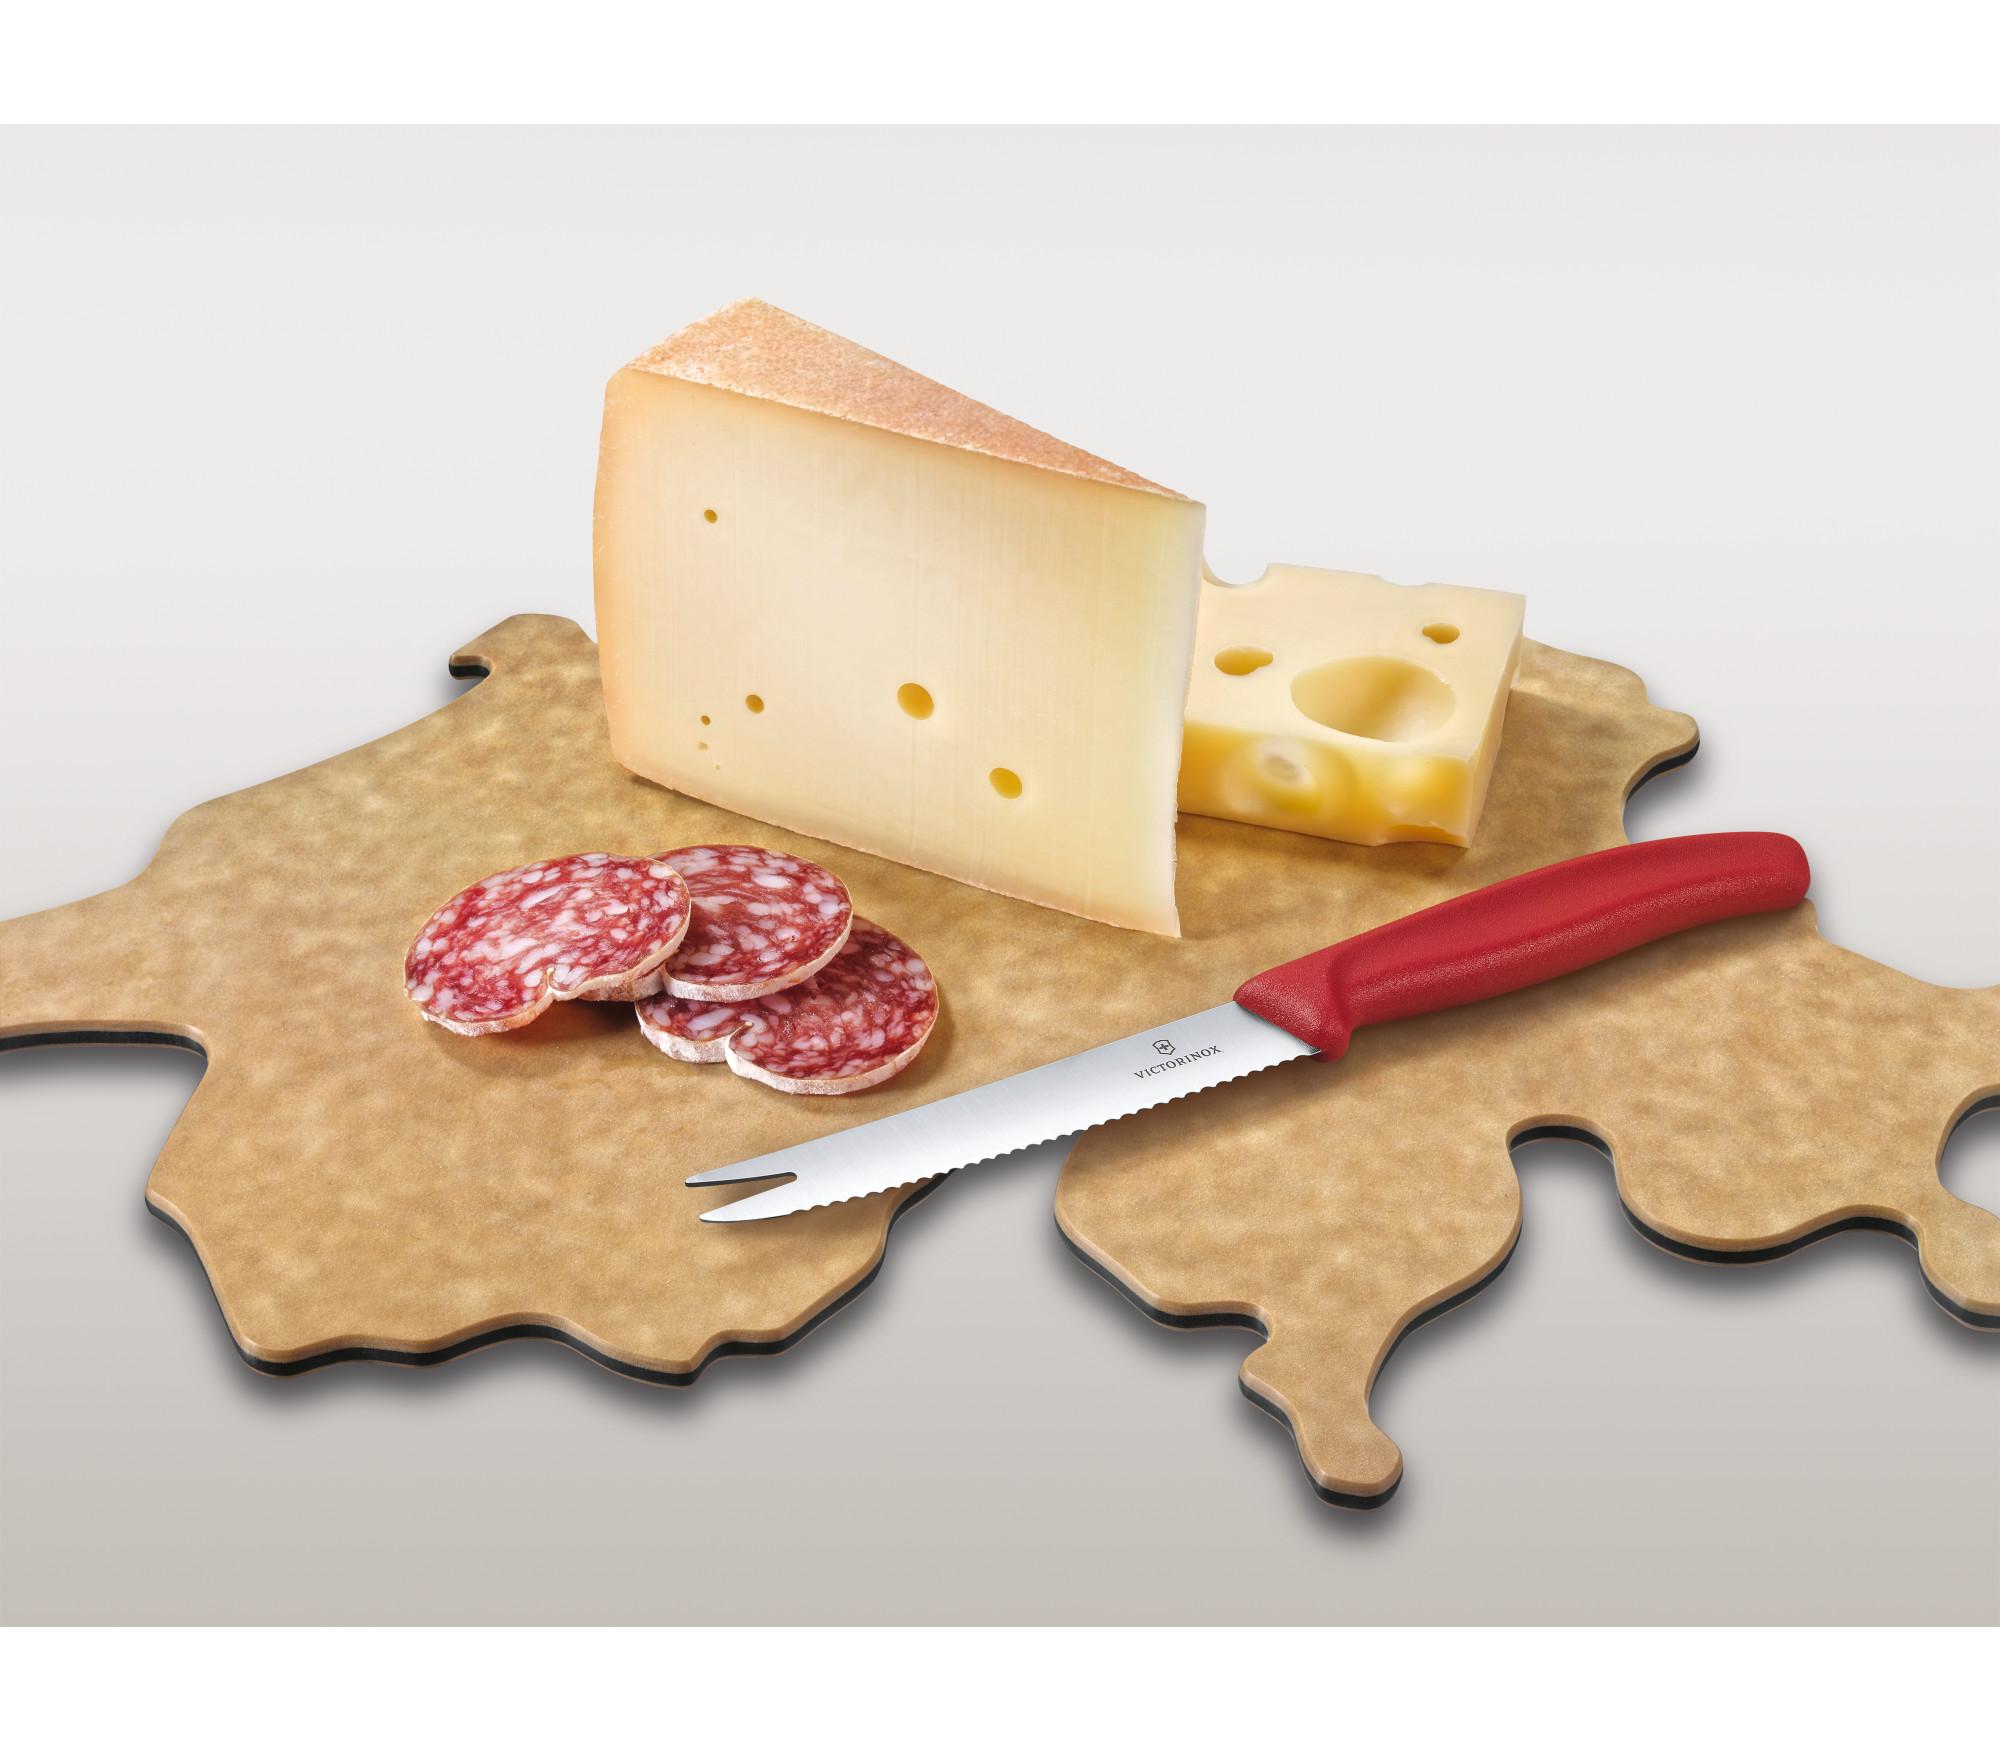 Švajčiarska kuchynská súprava salam syr